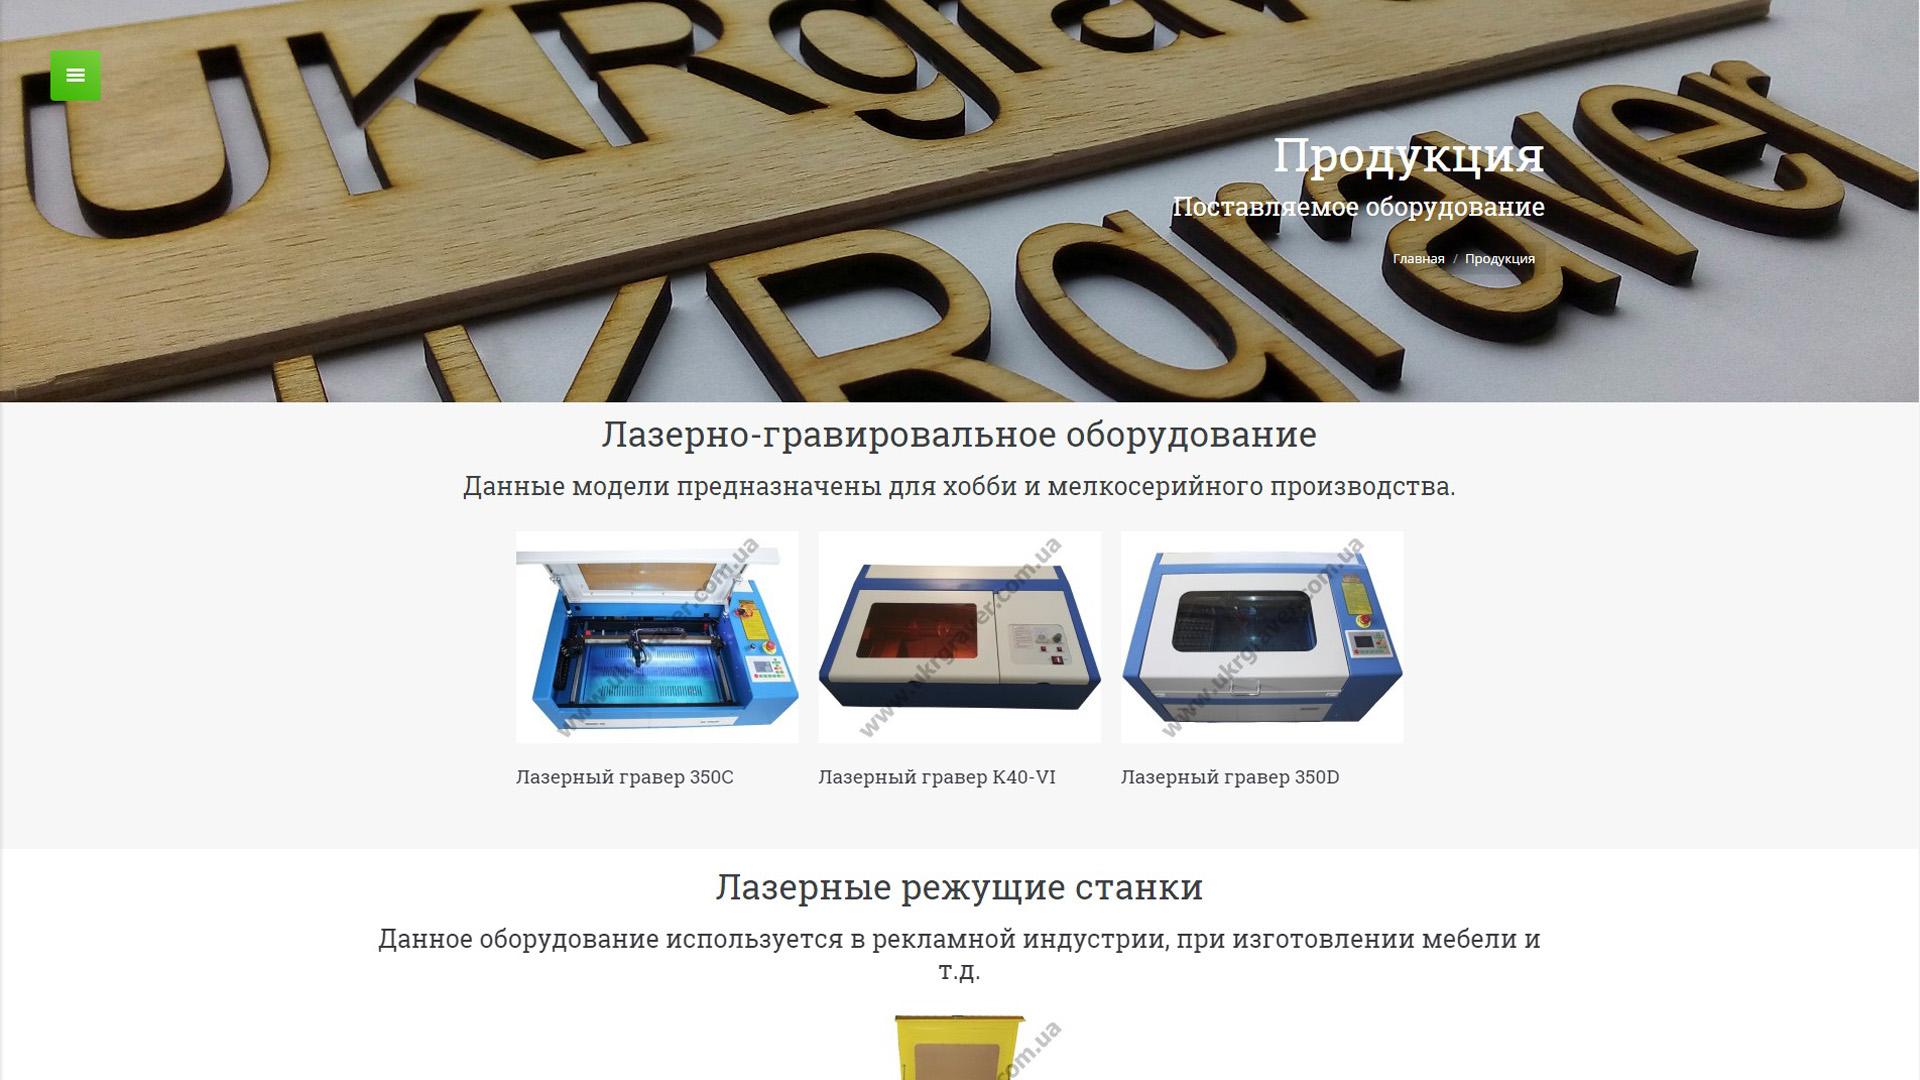 Сайт гравировального оборудования